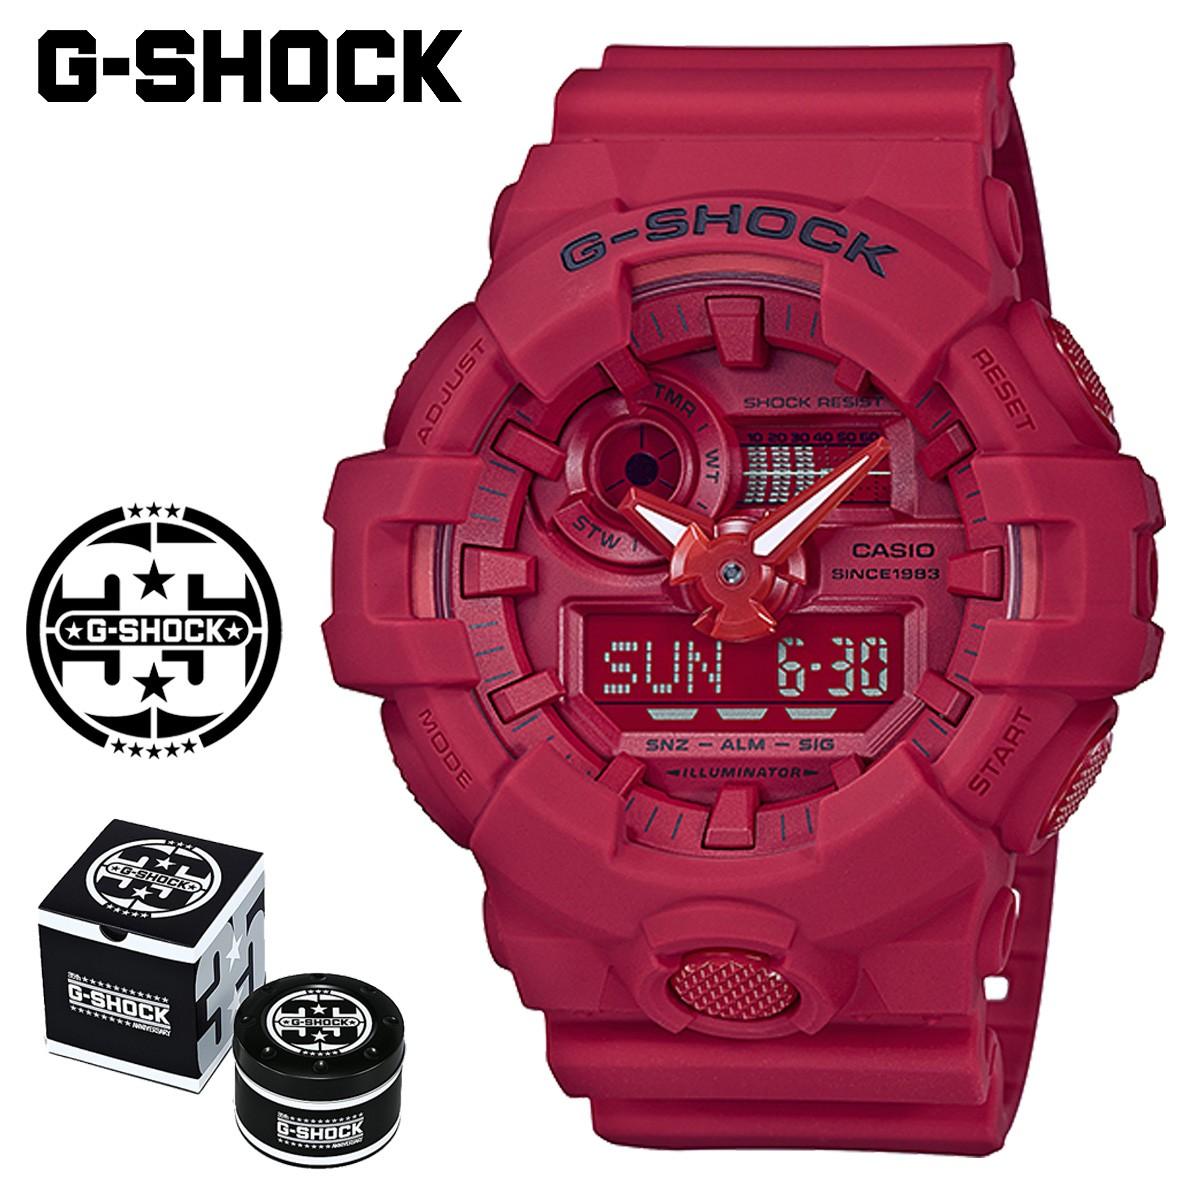 カシオ CASIO G-SHOCK 腕時計 GA-735C-4AJR RED OUT 35周年 ジーショック Gショック G-ショック レッド メンズ レディース [1/19 新入荷]